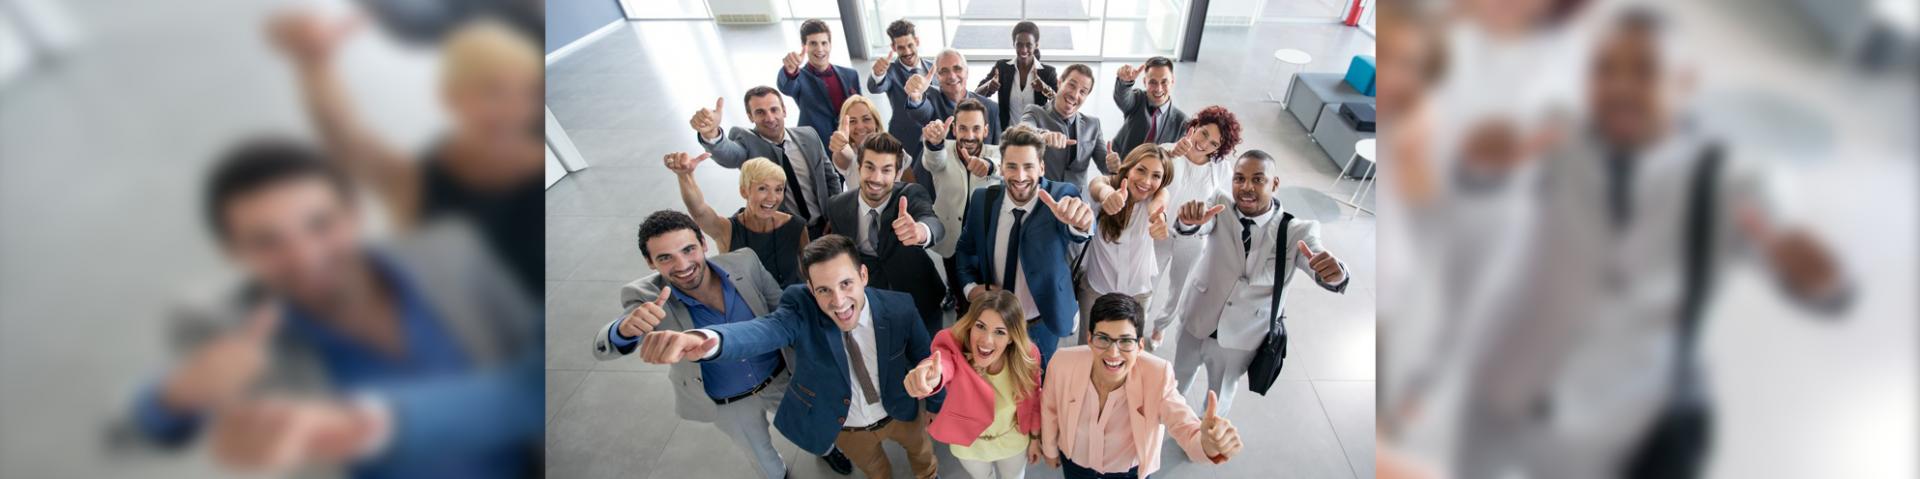 Stressmanagement für Firmen